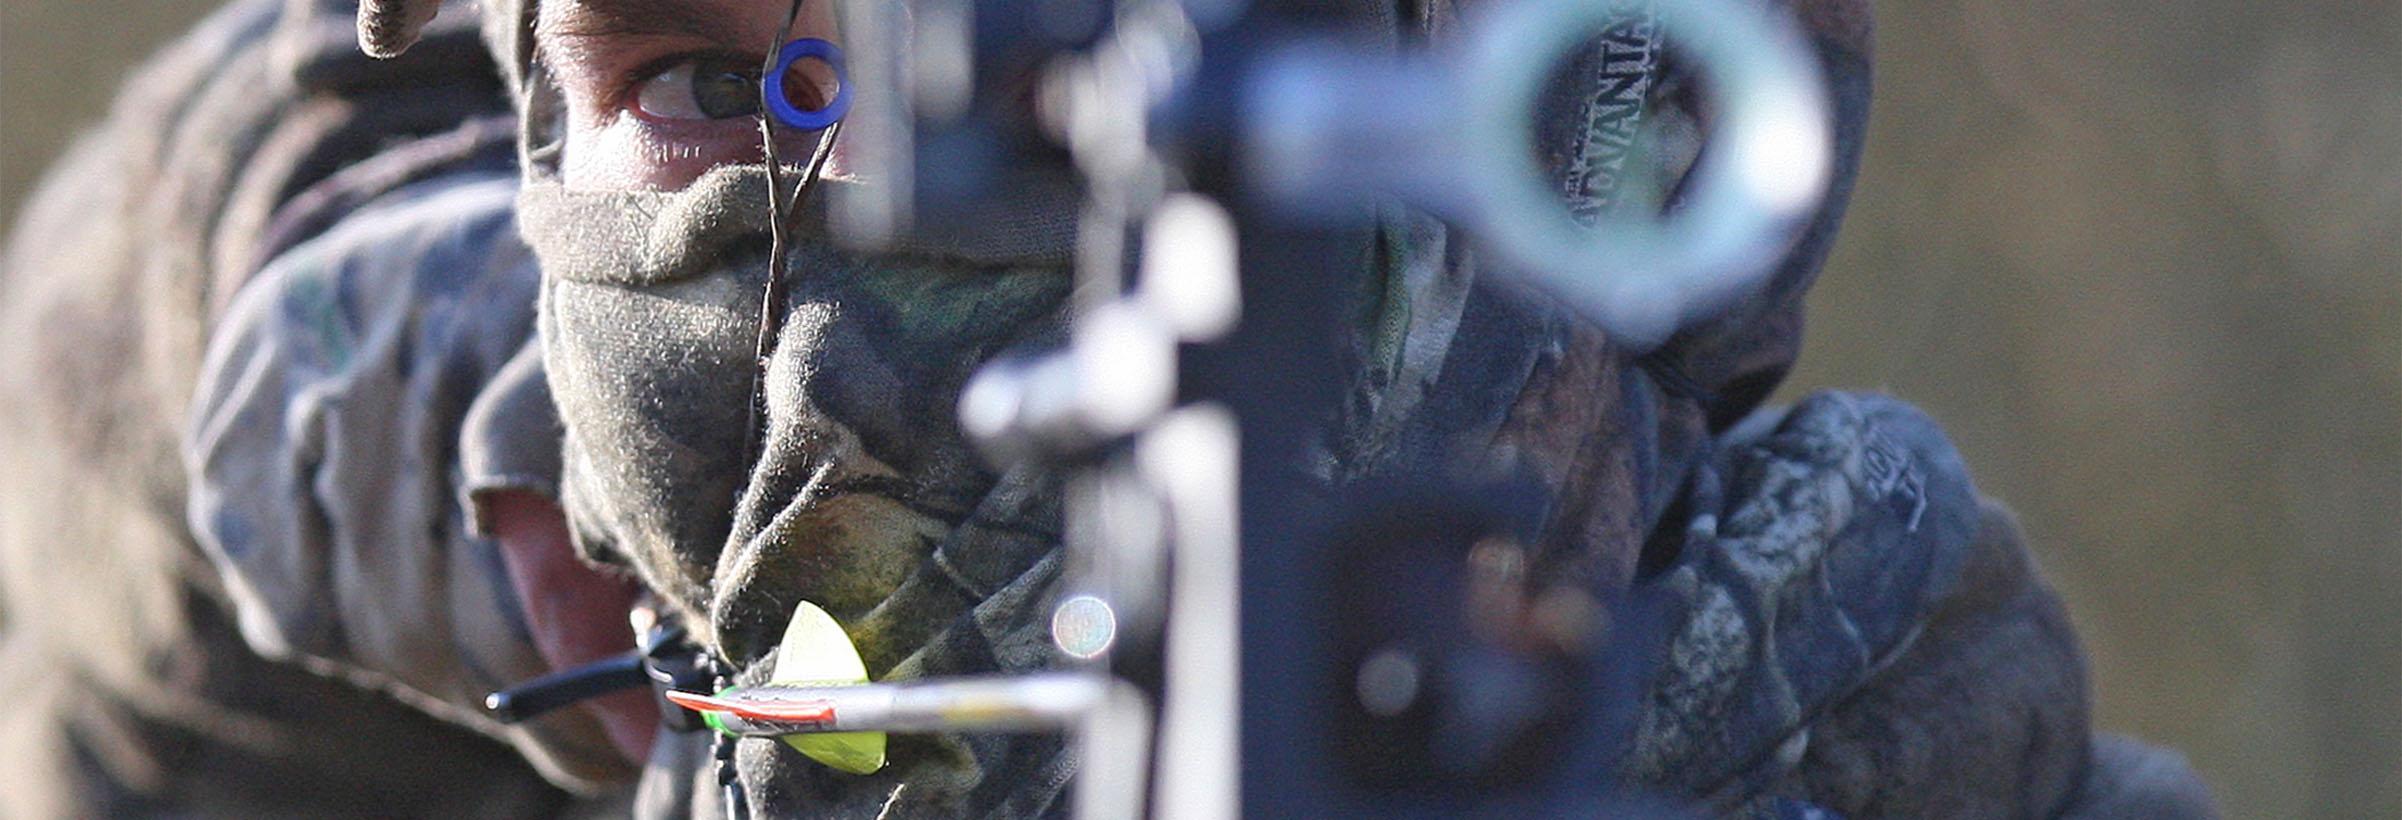 arc de chasse à poulies en visée